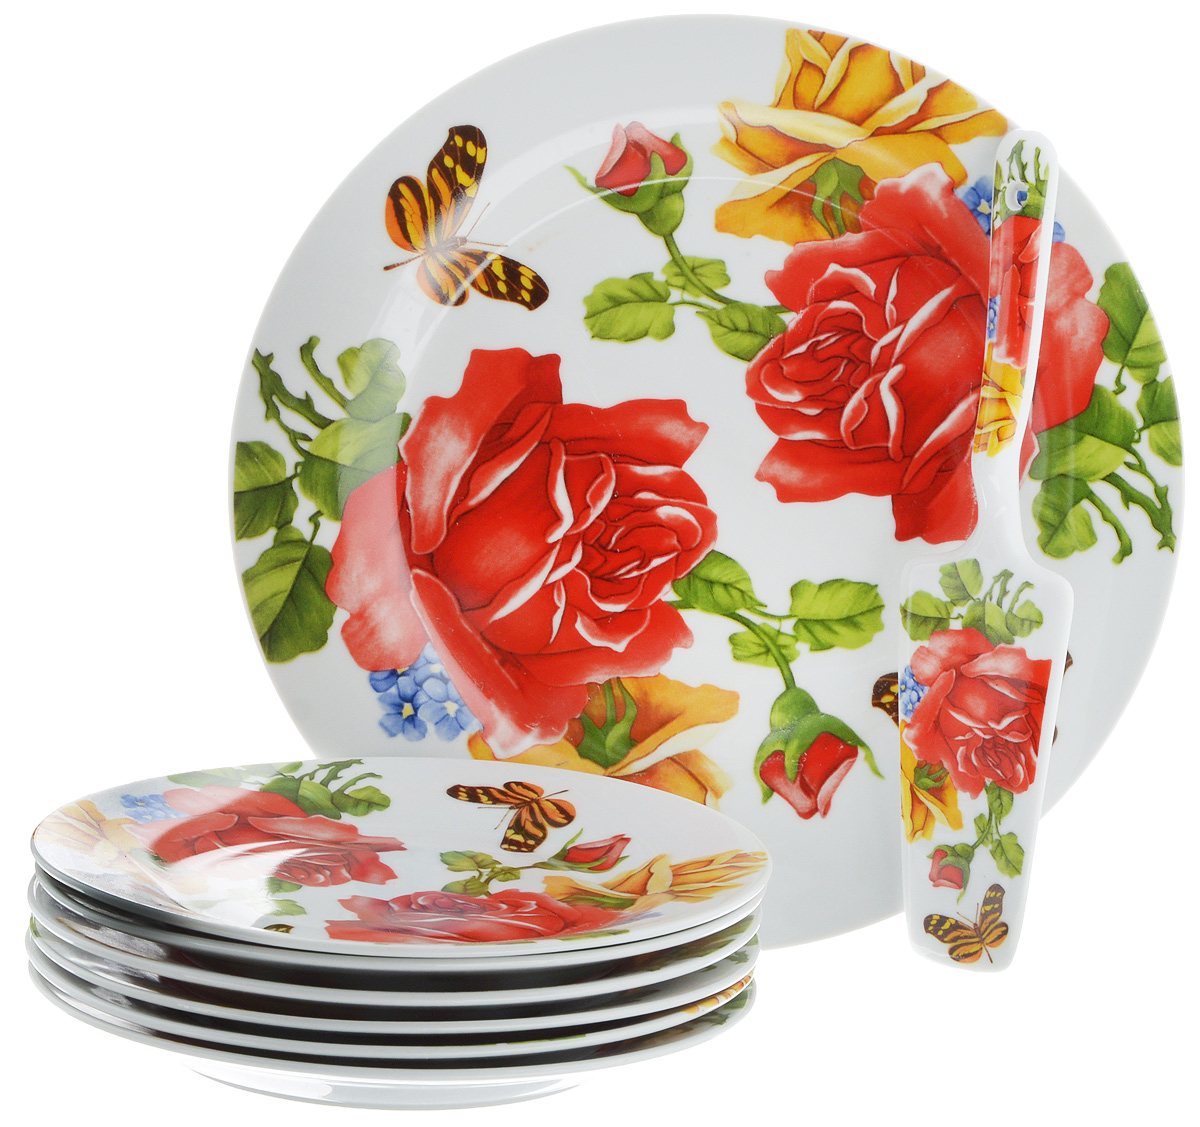 Набор для торта Bella, 8 предметов. DL-S8CB-17654 009312Набор для торта Bella состоит из 7 тарелок и лопатки. Изделия выполнены из высококачественного фарфора и оформлены ярким рисунком. Набор идеален для подачи тортов, пирогов и другой выпечки.Яркий дизайн сделает набор изысканным украшением праздничного стола.Диаметр меленьких тарелок: 19,5 см.Диаметр большой тарелки: 26,5 см.Размеры лопатки: 23,5 х 5,5 х 2 см.